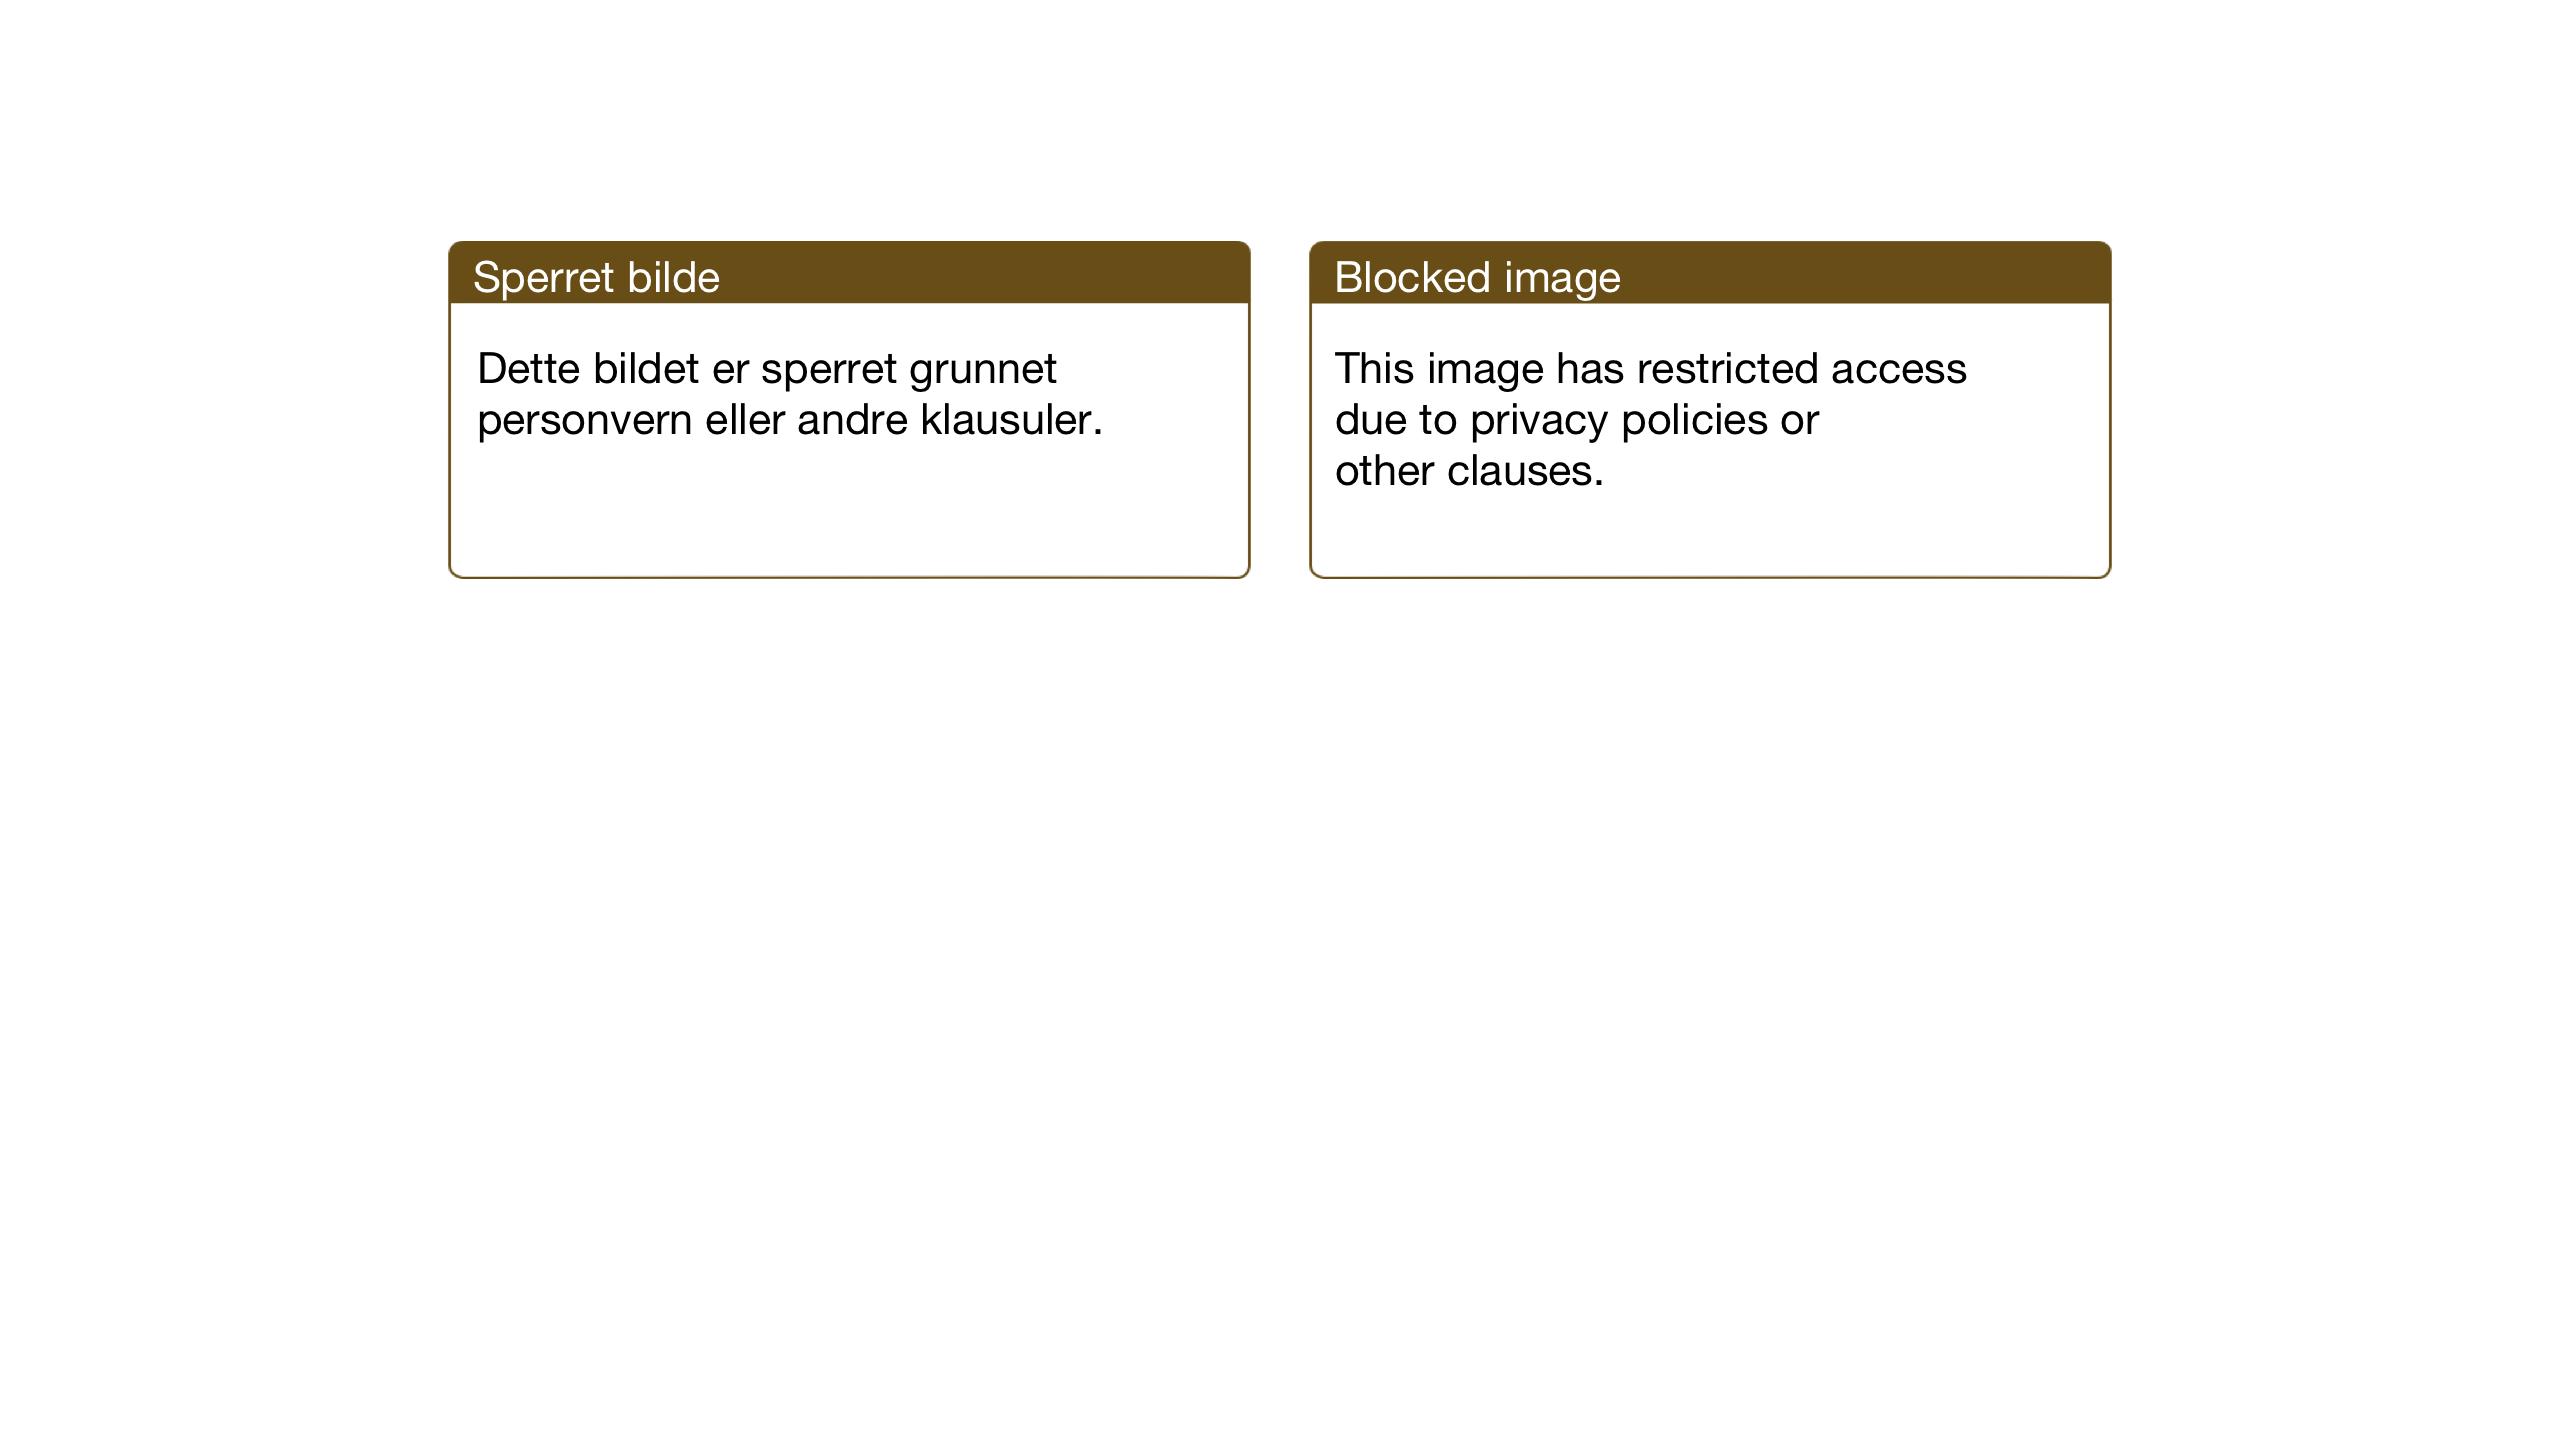 SAT, Ministerialprotokoller, klokkerbøker og fødselsregistre - Nord-Trøndelag, 709/L0088: Klokkerbok nr. 709C02, 1914-1934, s. 76